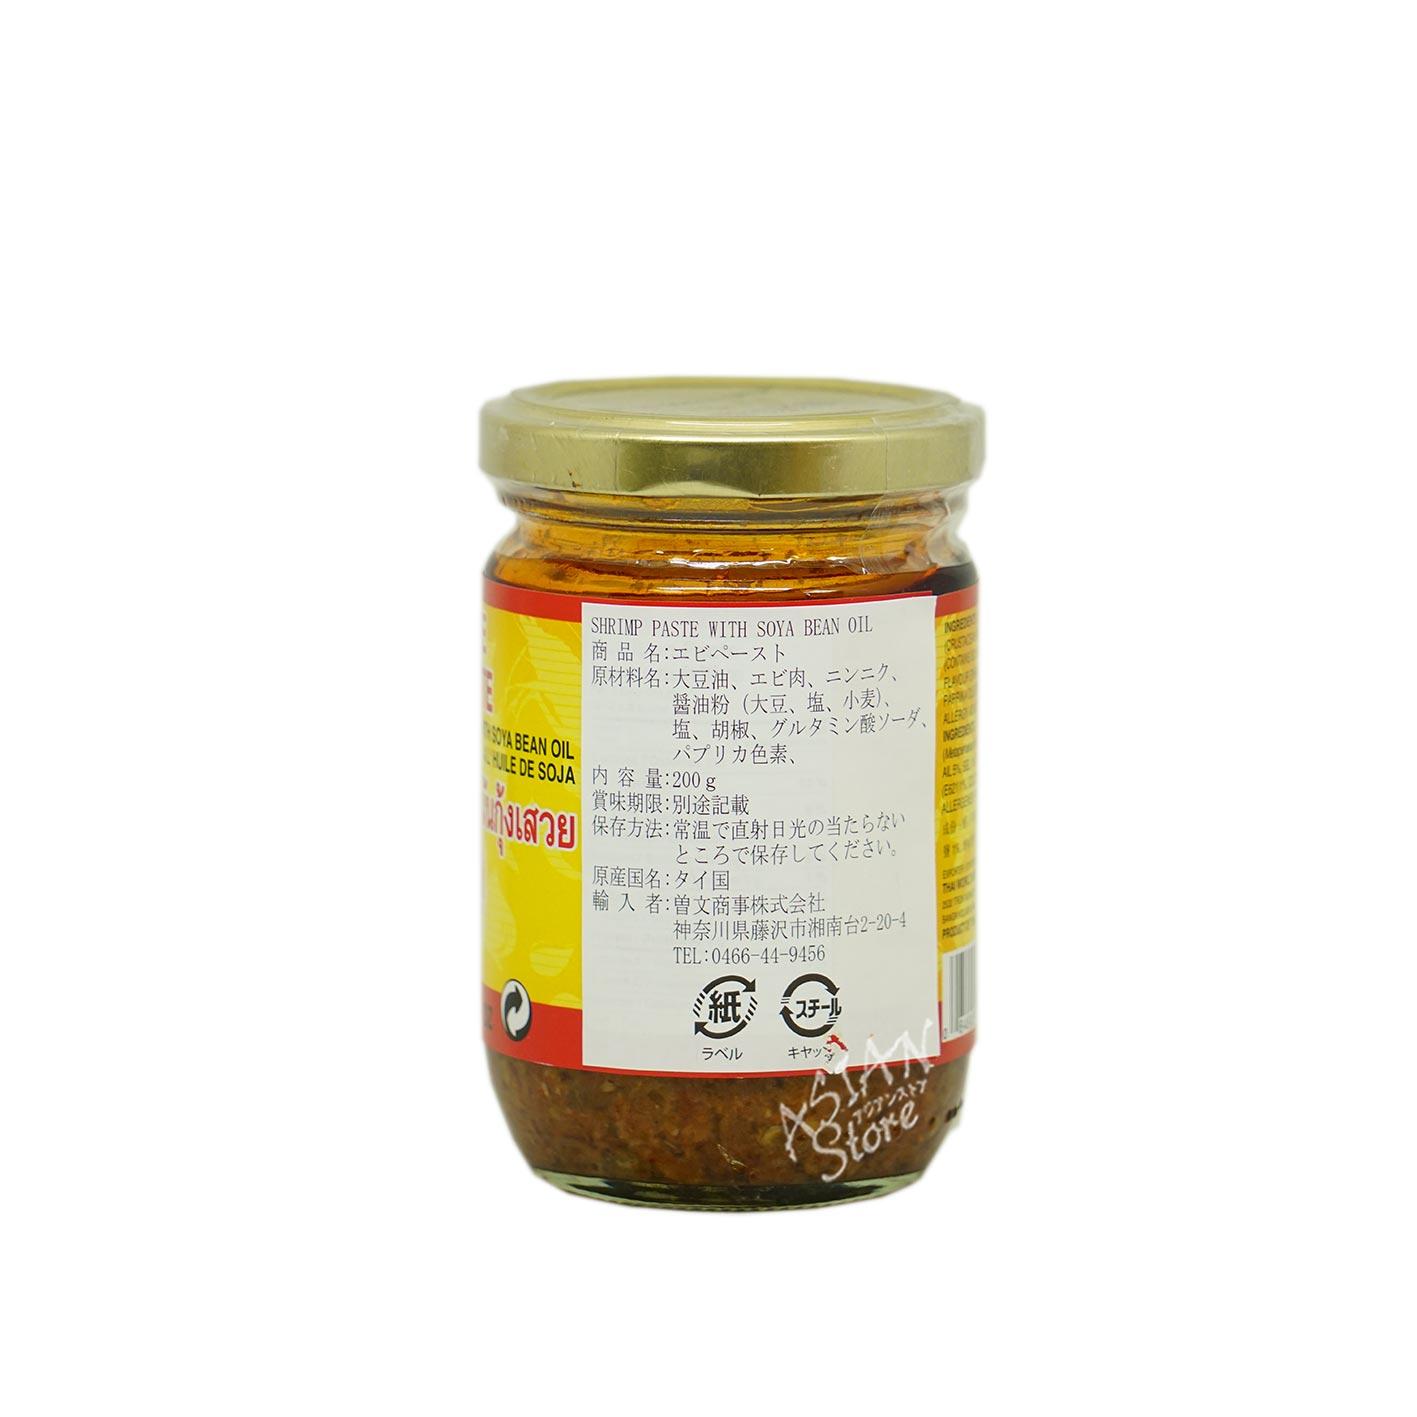 【常温便】コック エビペースト/COCK蝦膏油醤200g